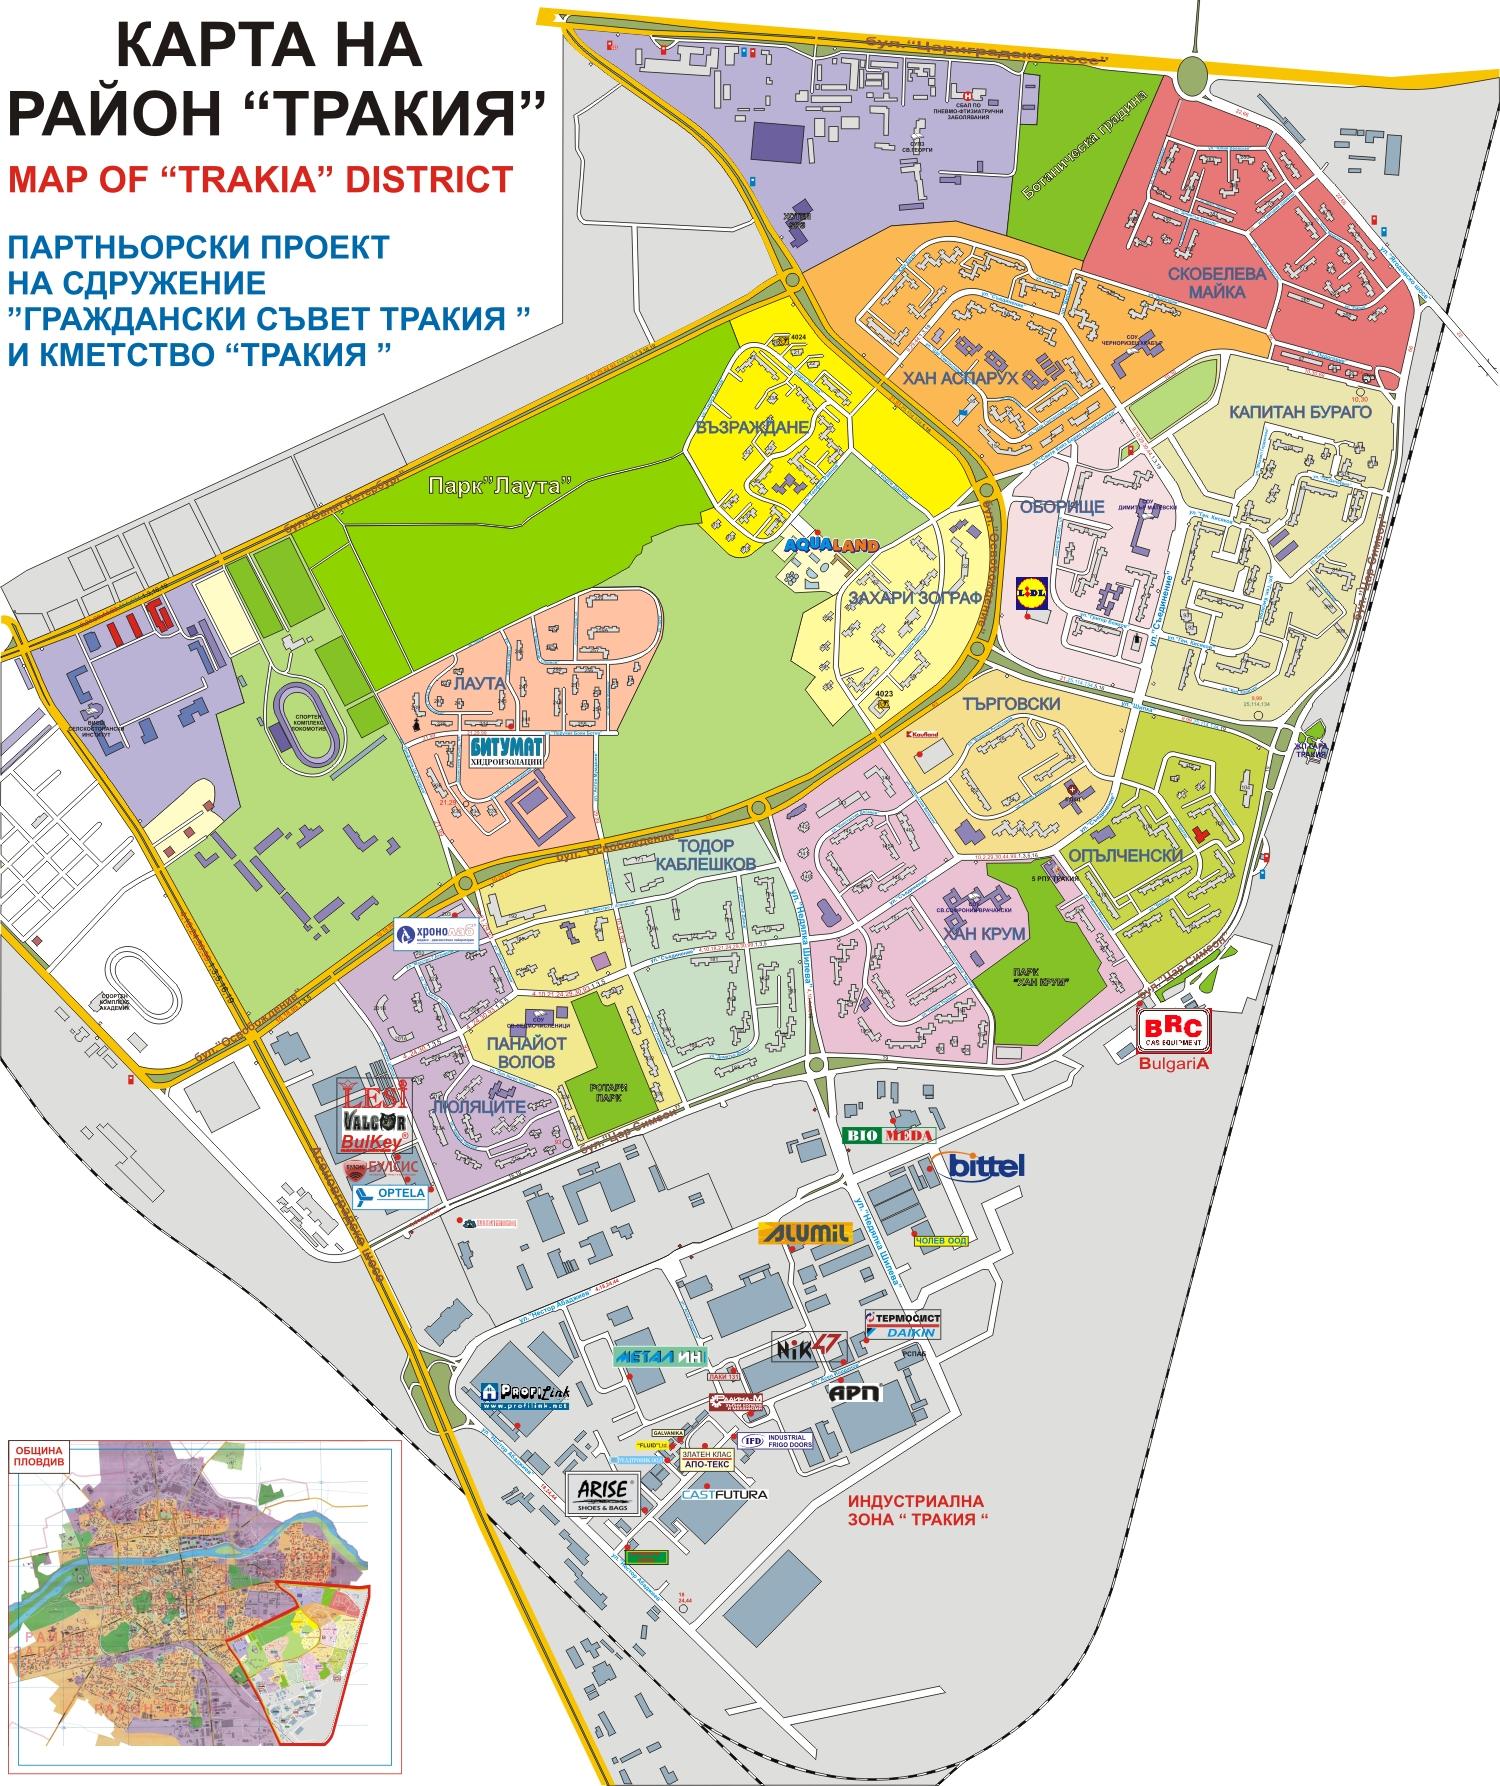 Karta Na Rajona Rajon Trakiya Obshina Plovdiv